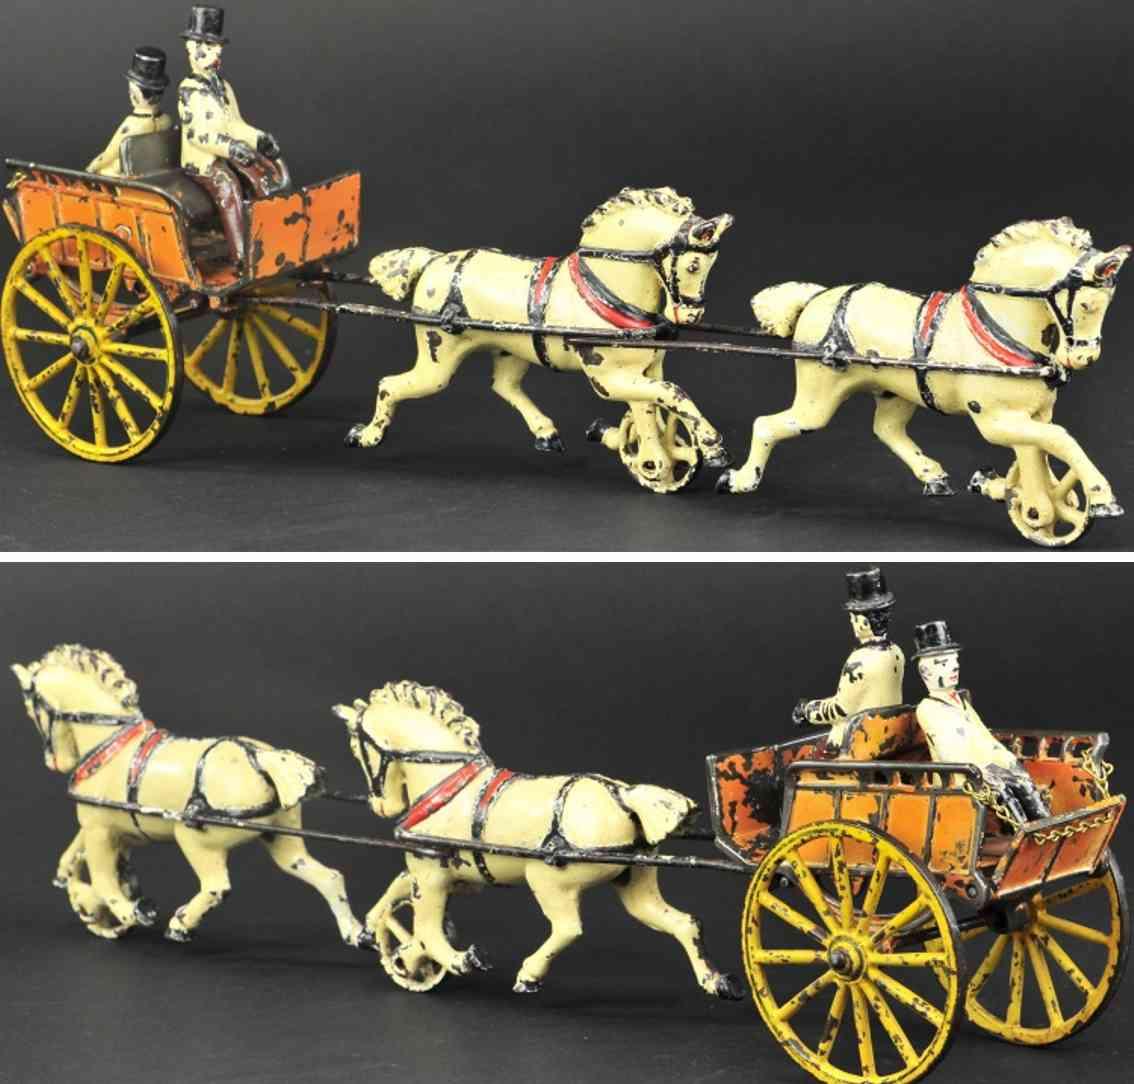 harris toy co spielzeug gusseisen tandemkutsche ruecken an ruecken zwei Pferde